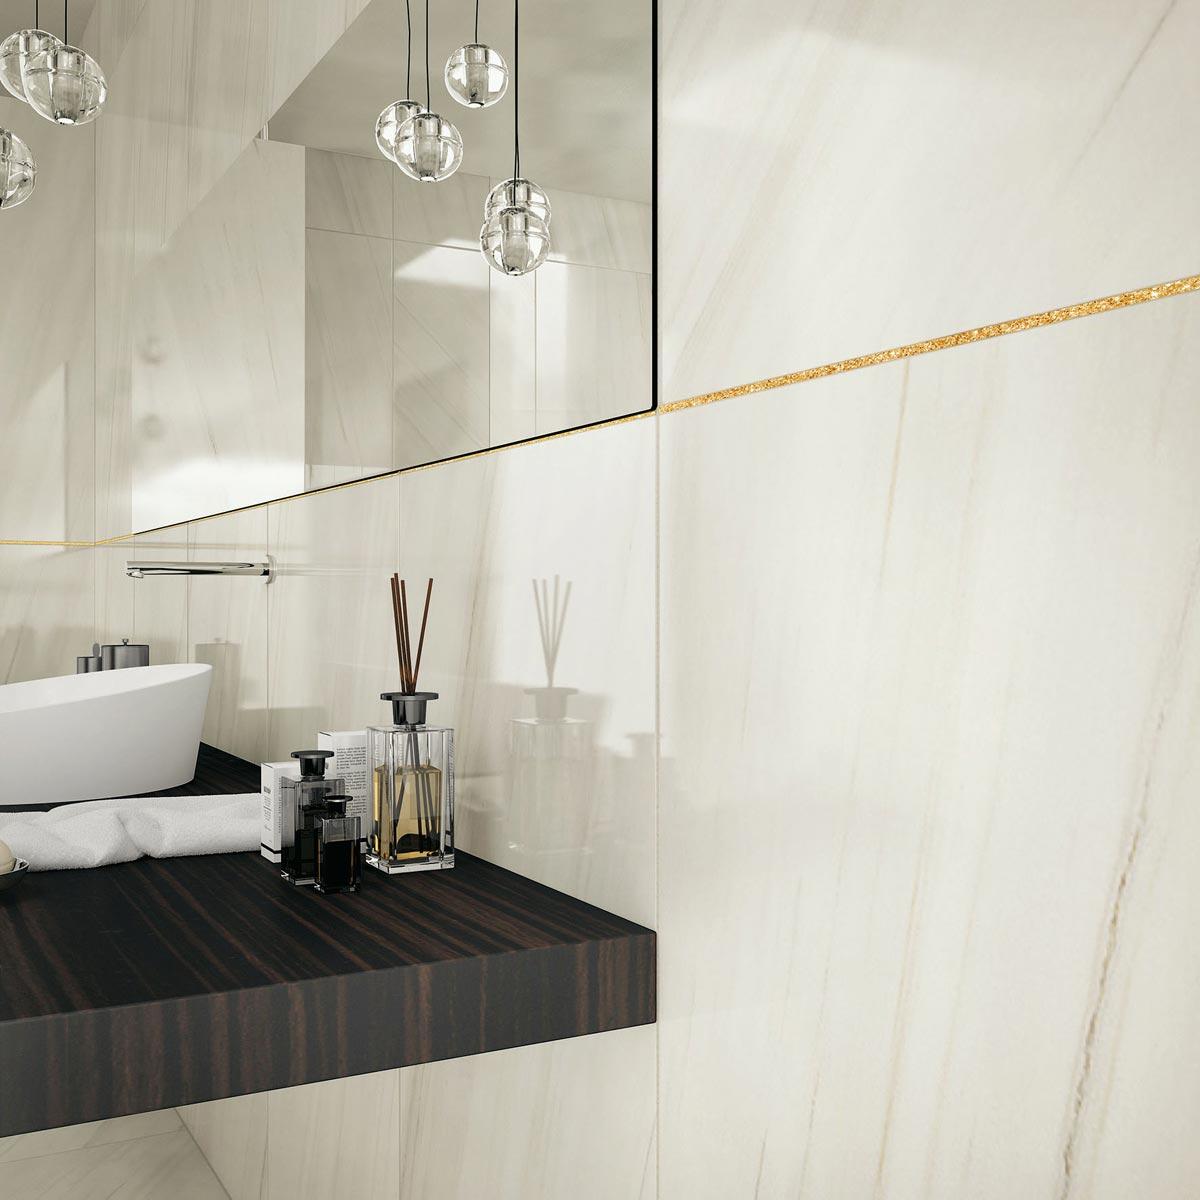 Gạch bóng kiếng toàn phần là dòng sản phẩm cao cấp nhất trong các phân khúc gạch bóng kiếng